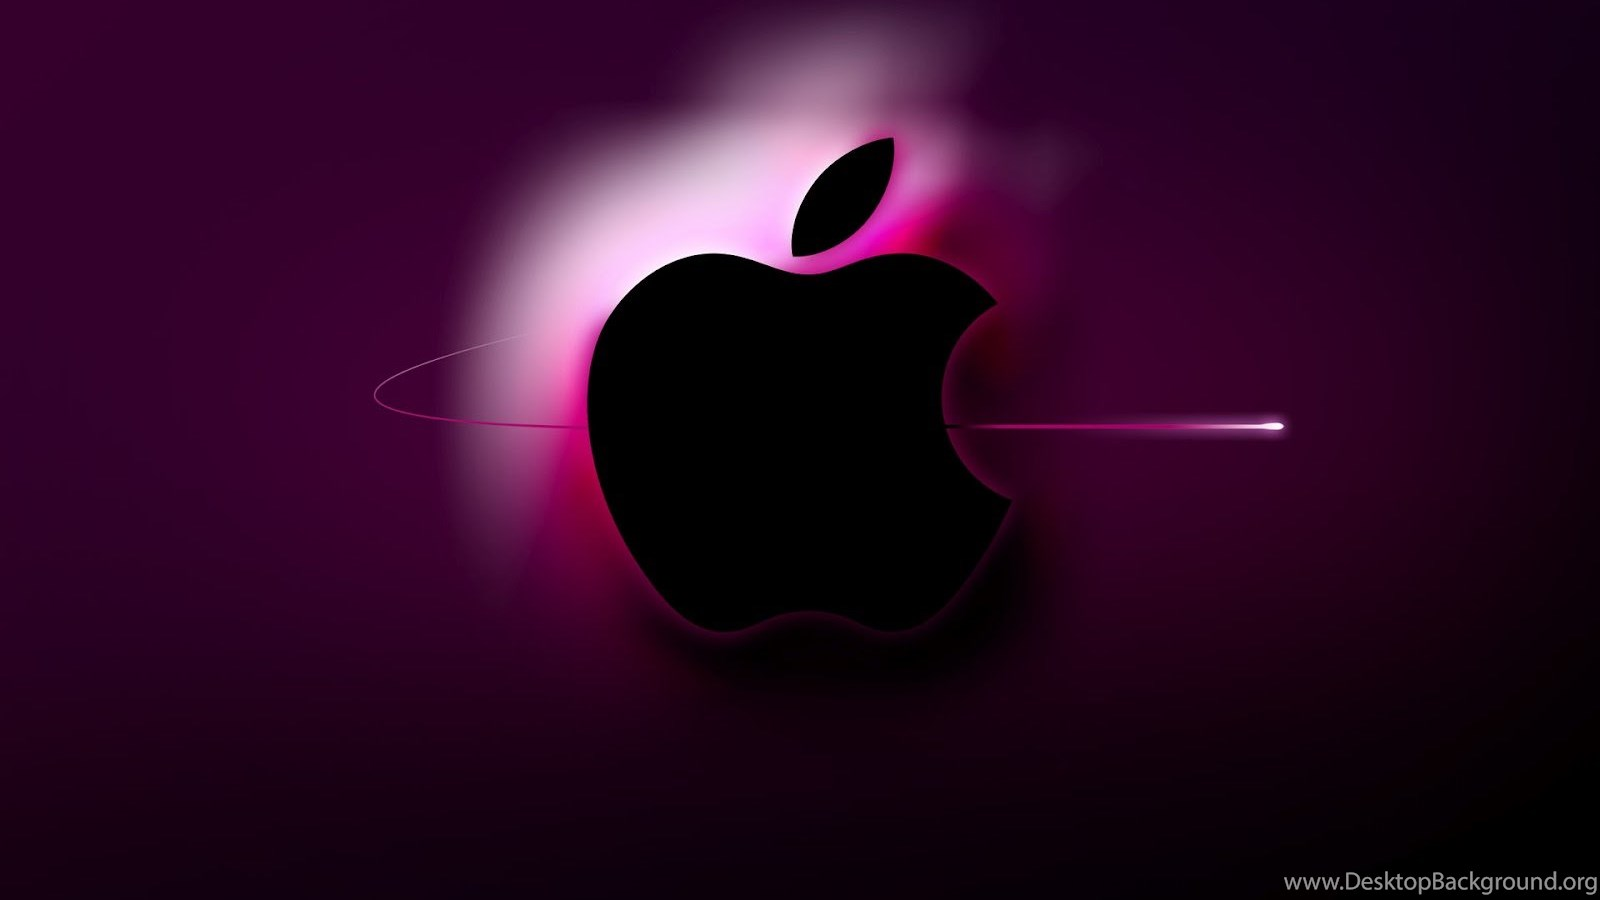 Apple Full Hd Desktop Wallpapers Free Download Apple Logo Hd